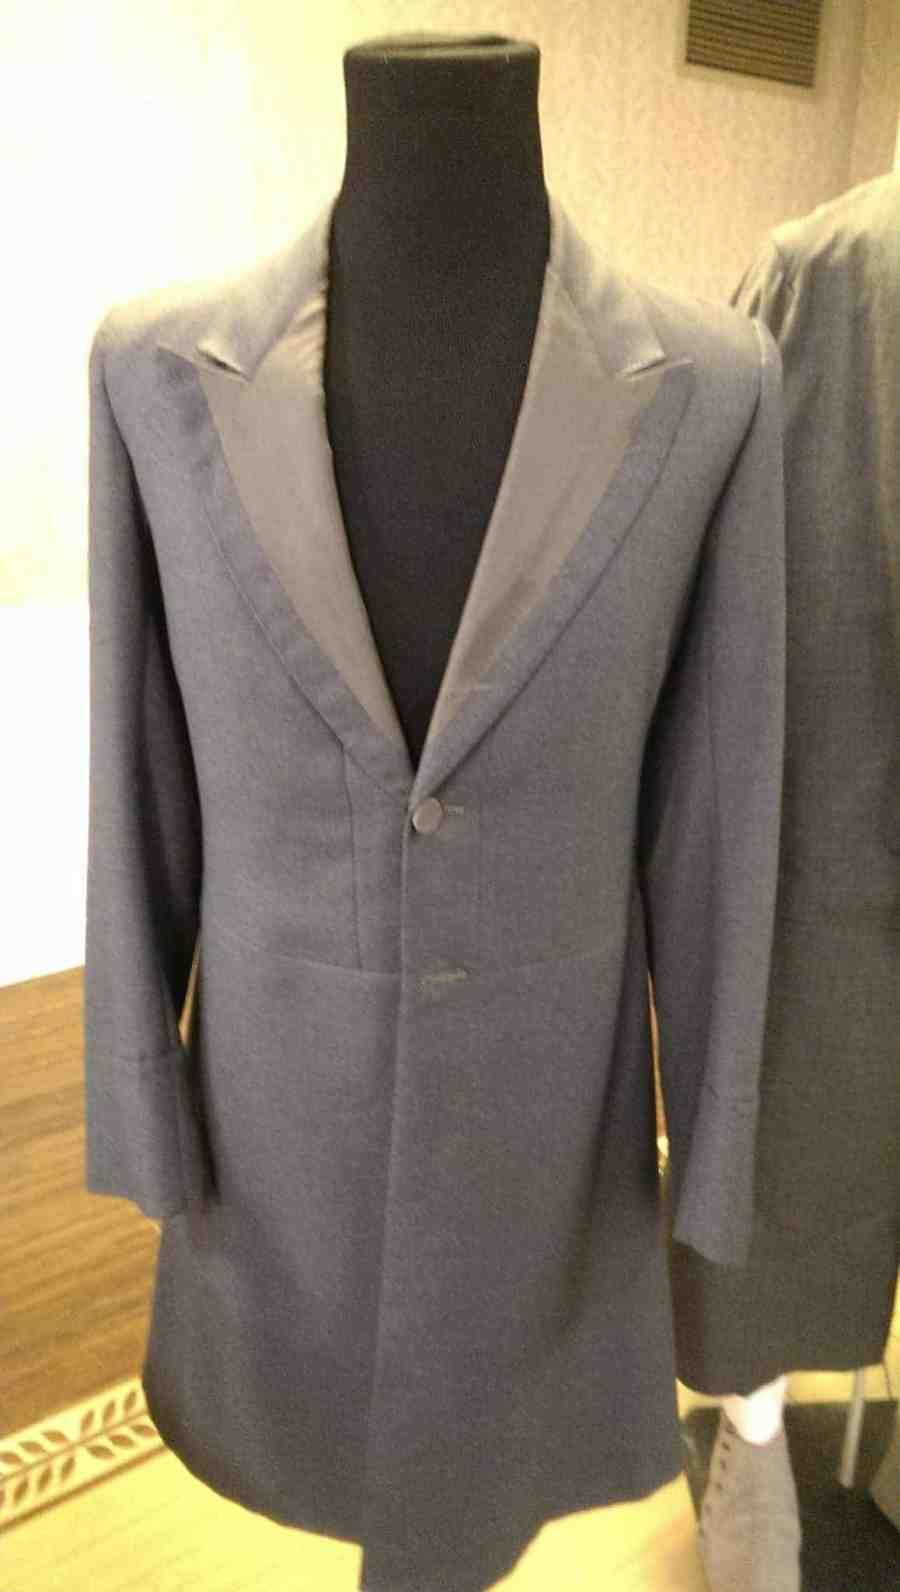 Sherlock Holmes frock coat for Jeremy Brett in SHERLOCK HOLMES (1983 and beyond). Grey tailored frock coat.